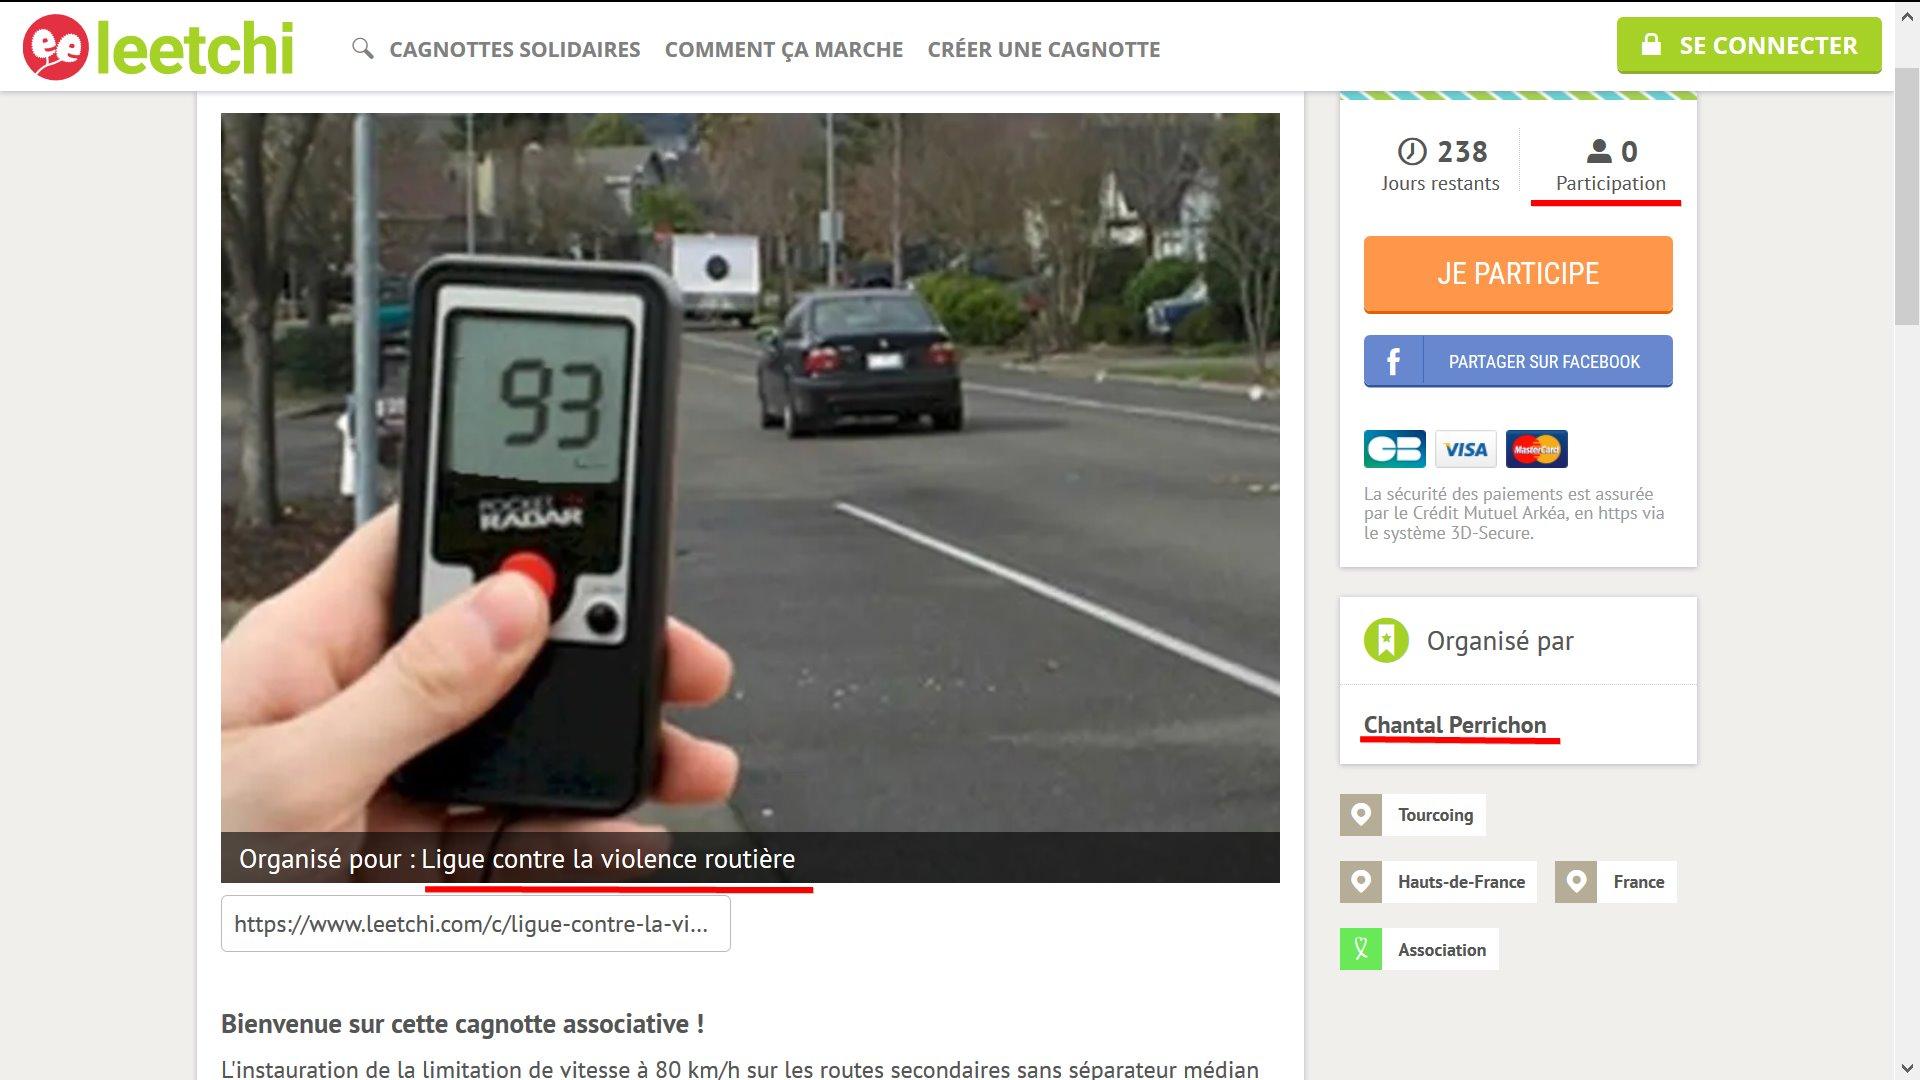 La Ligue contre la violence routière crée une cagnotte pour acheter des radars: Zéro donateur